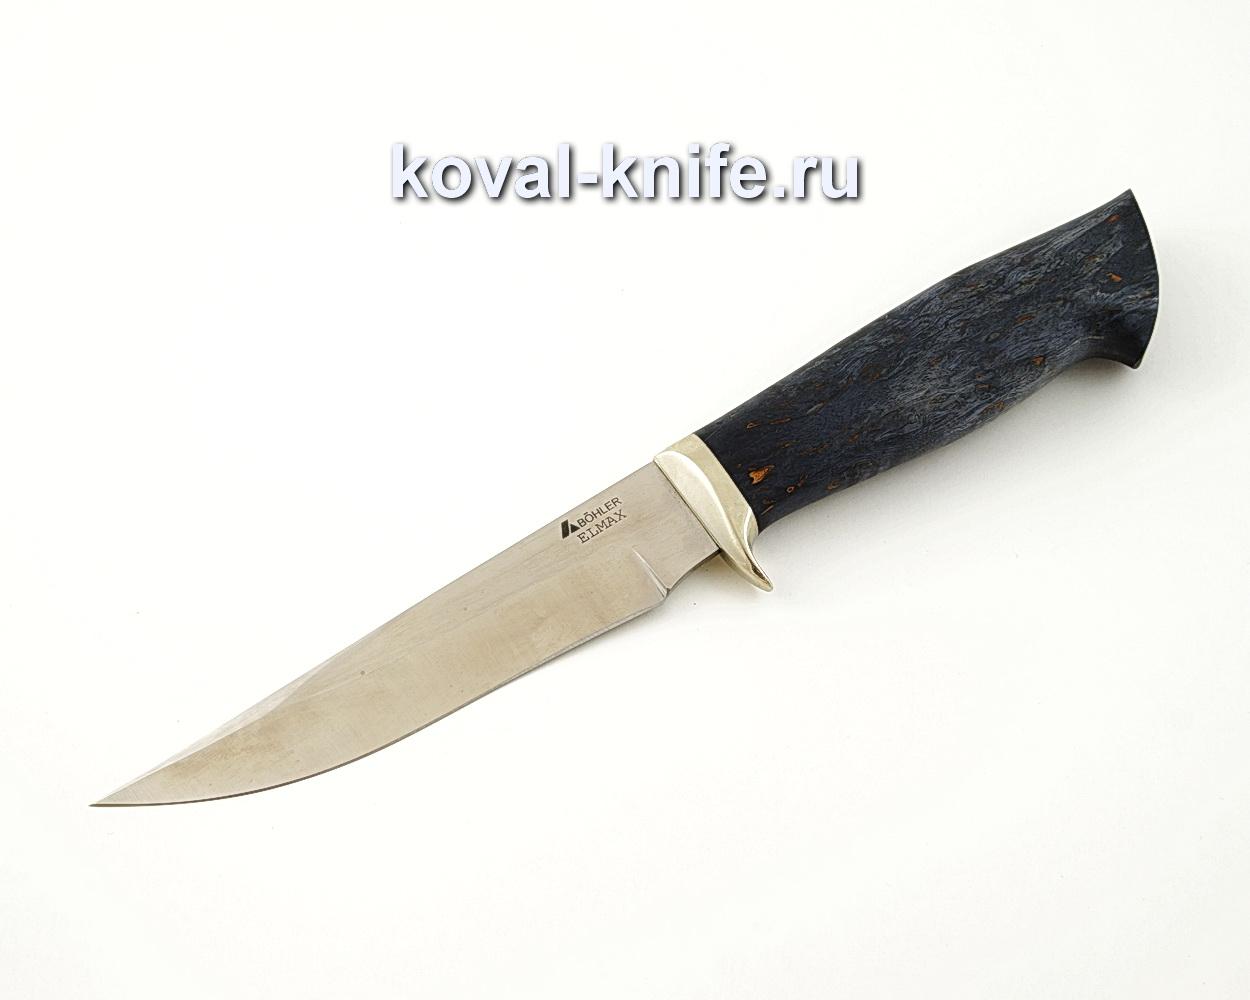 Нож Лис из порошковой стали Elmax с рукоятью из стабилизированной карельской березы, гарда мельхиор A553